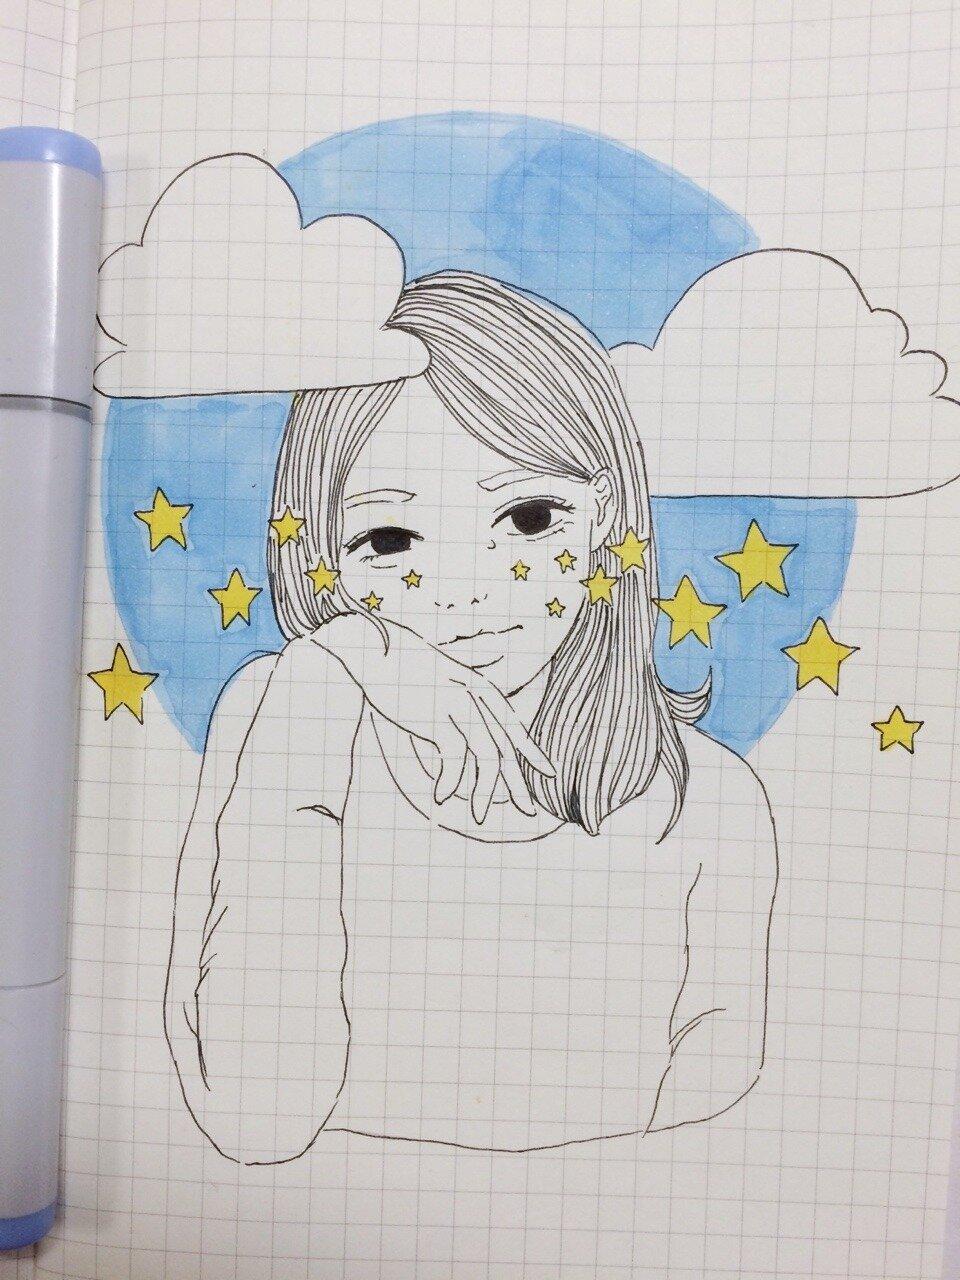 Картинки для срисовки карандашом красивые и легкие для девочек 8 лет